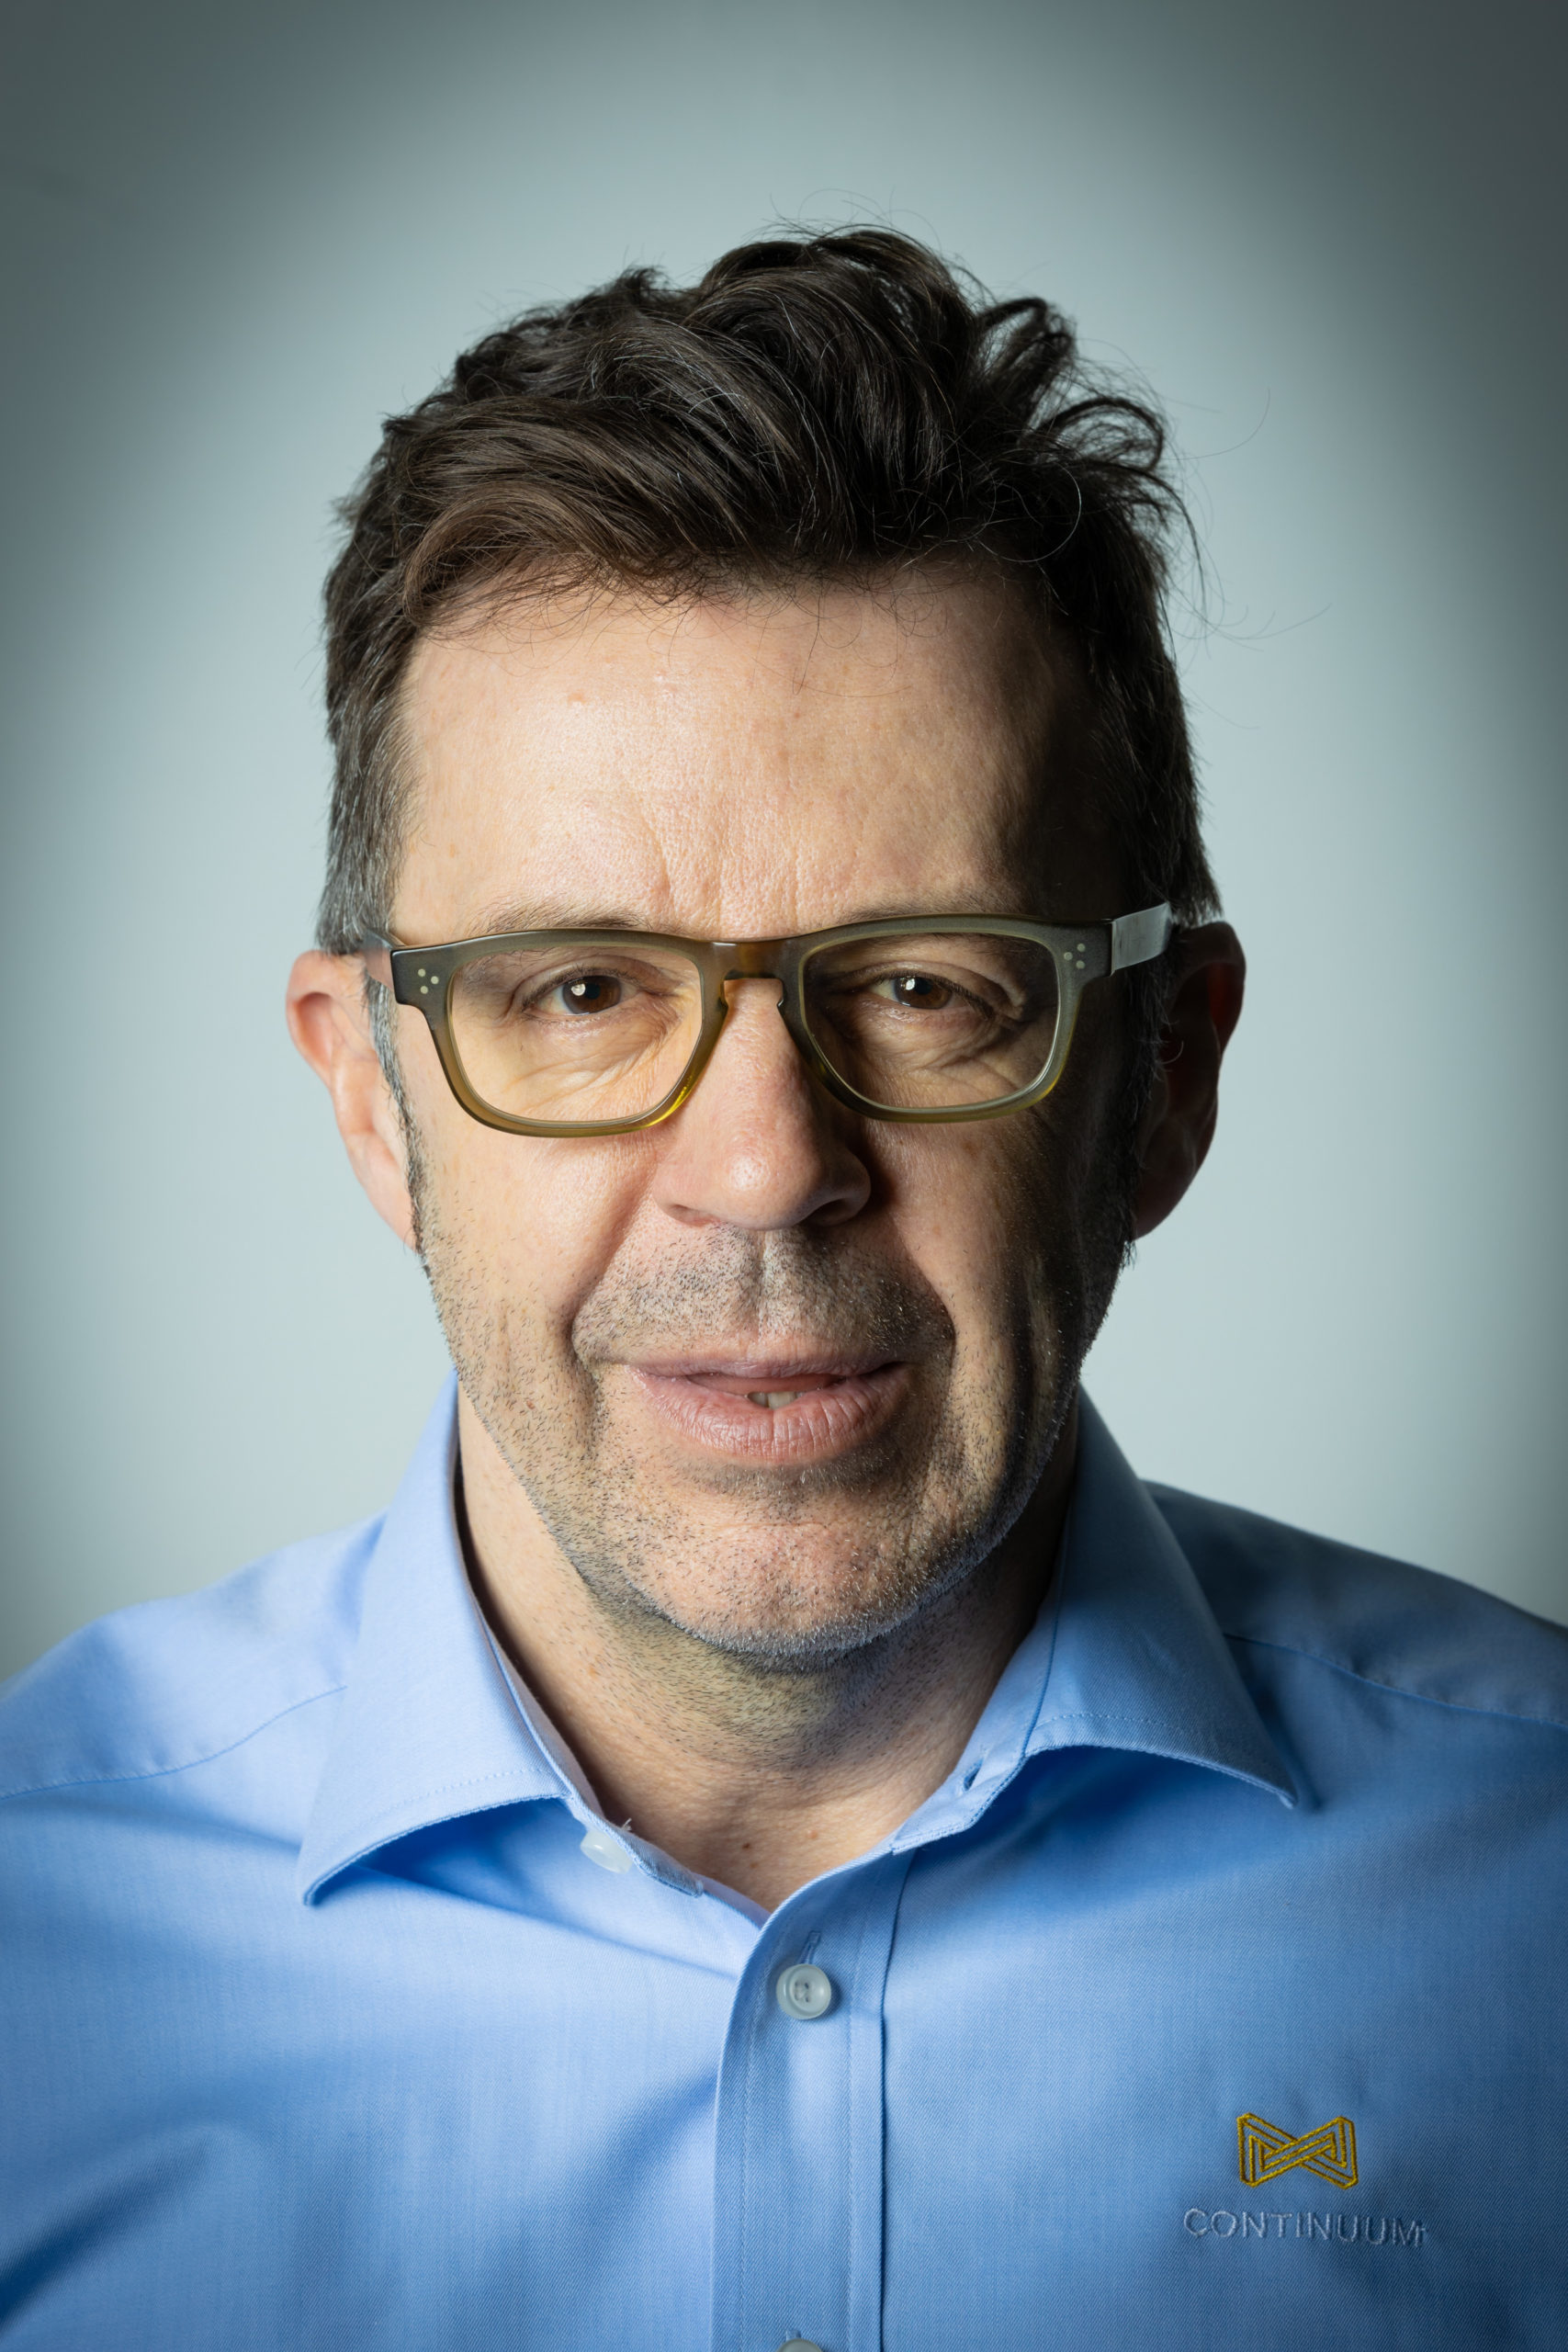 Walter Martens